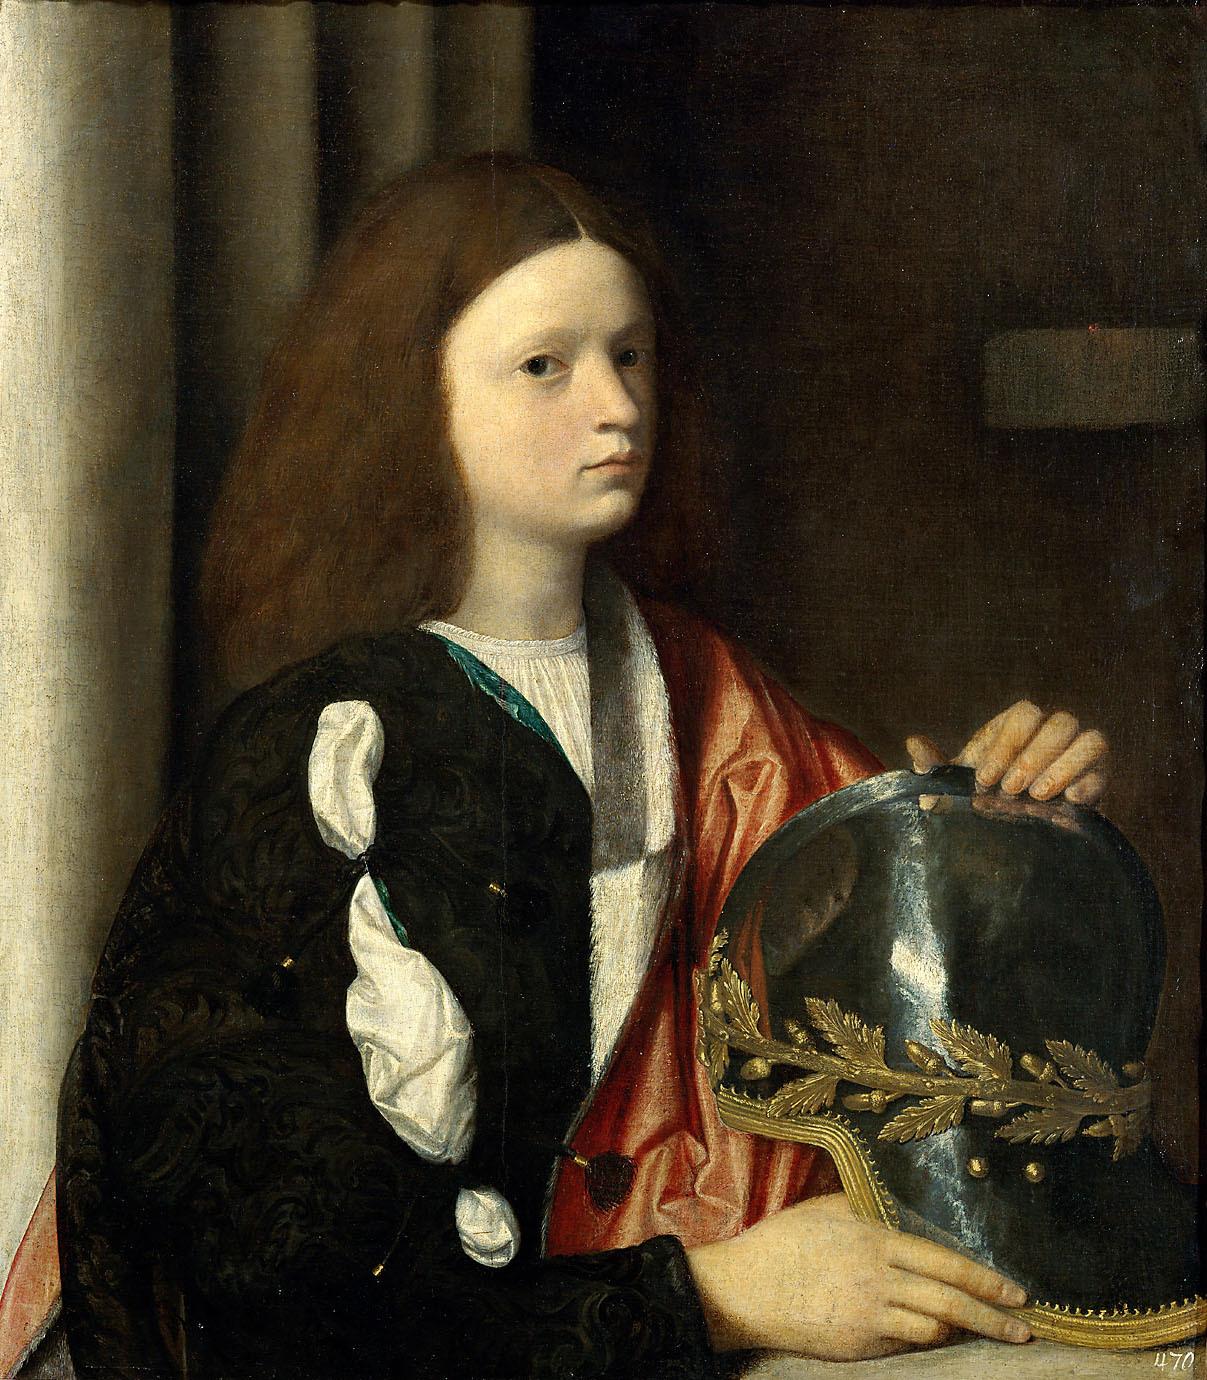 Bildnis des Francesco Maria I. della Rovere von Giorgio da Castelfranco, gen. Giorgione